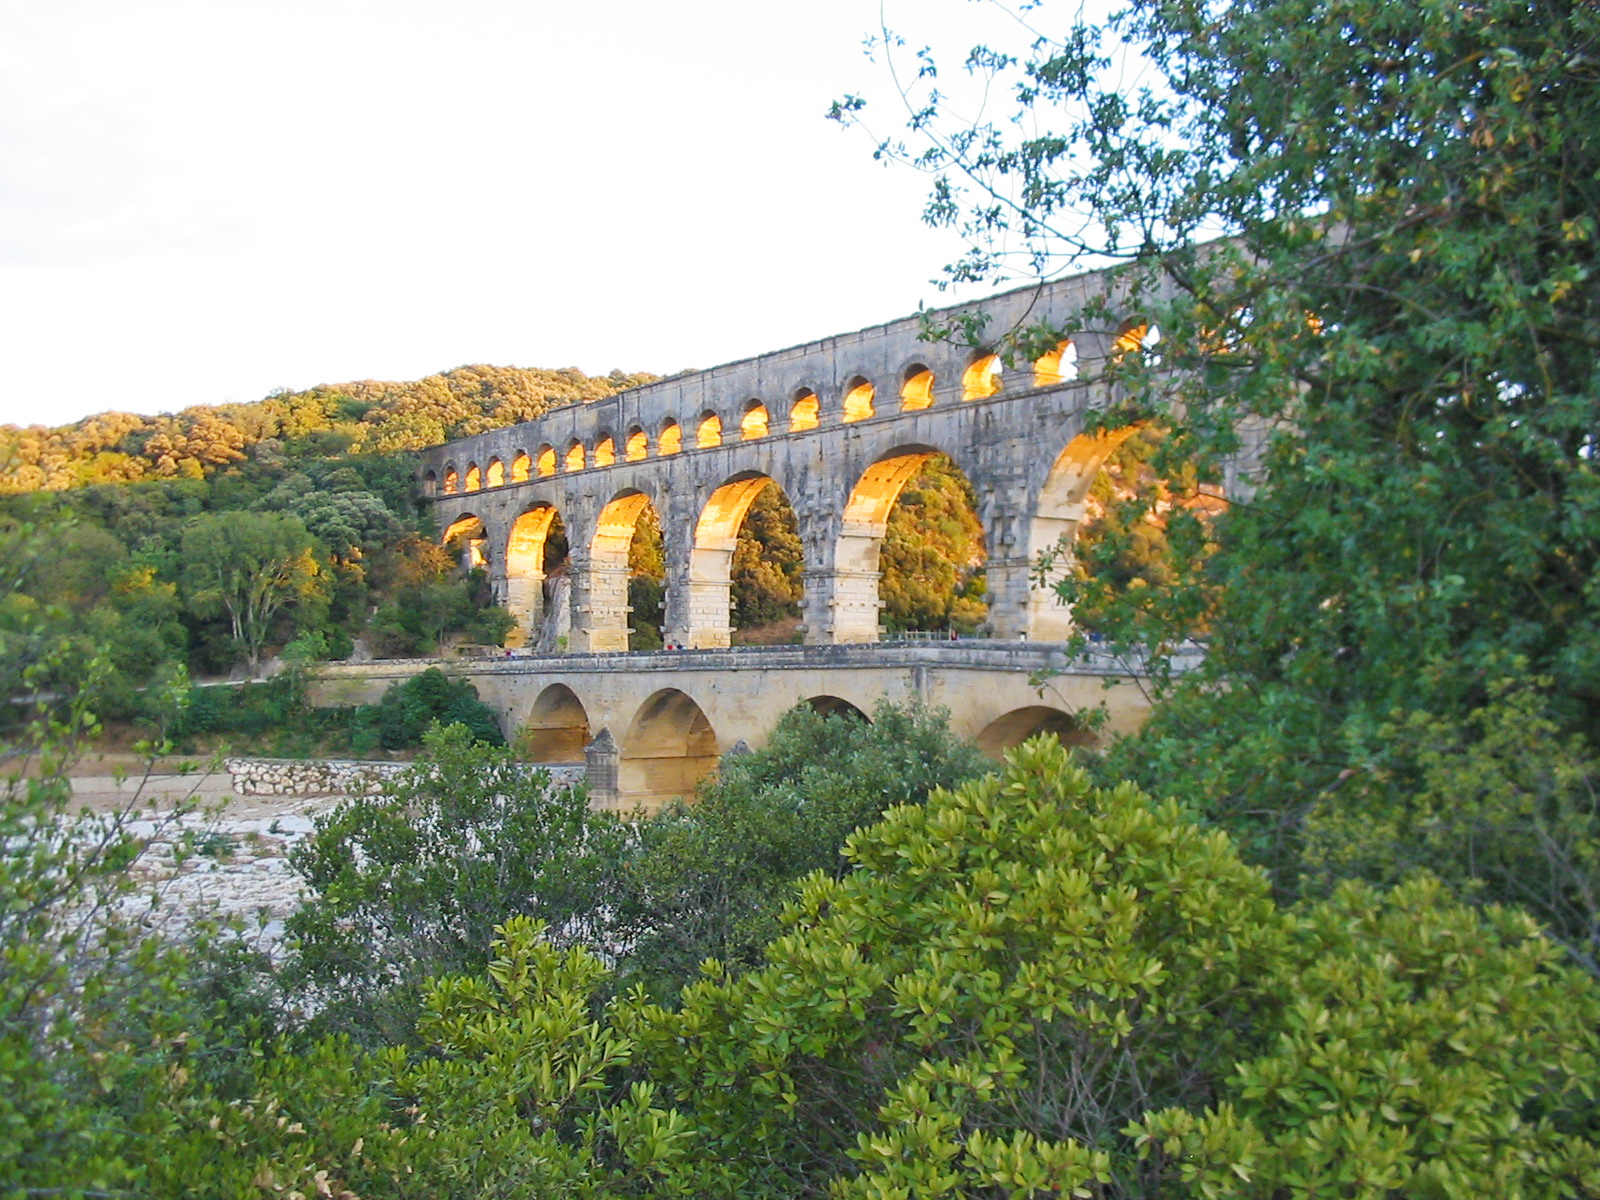 Le territoire de la communaut de communes du pont du gard communaut de communes du pont du gard - Office de tourisme du pont du gard ...